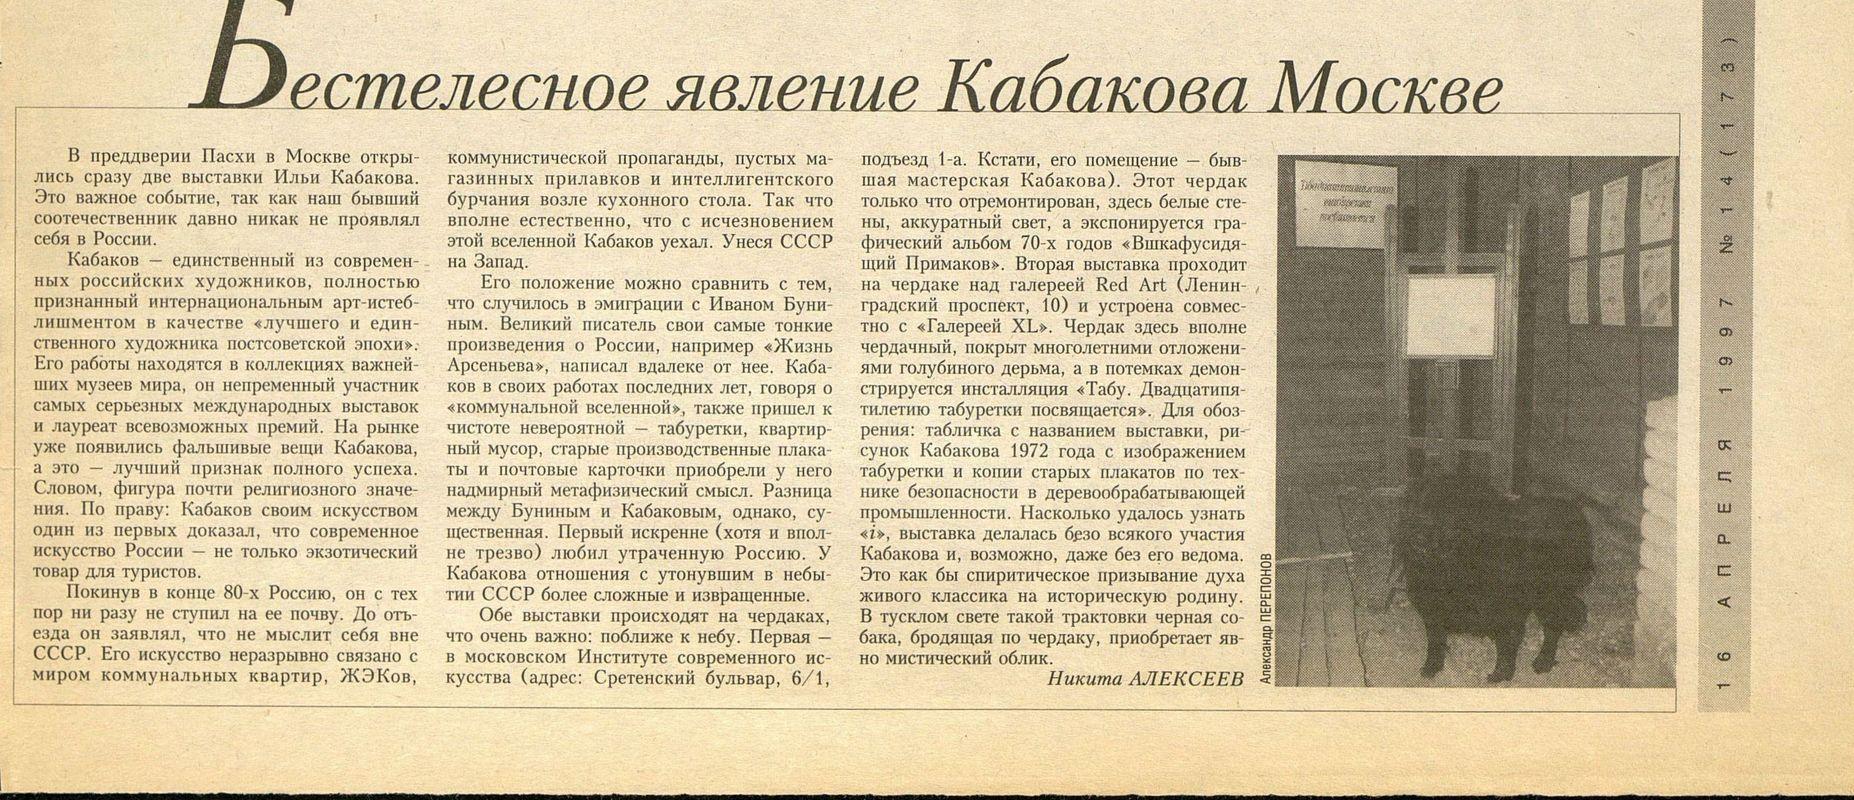 Никита Алексеев «Бестелесное явление Кабакова Москве»